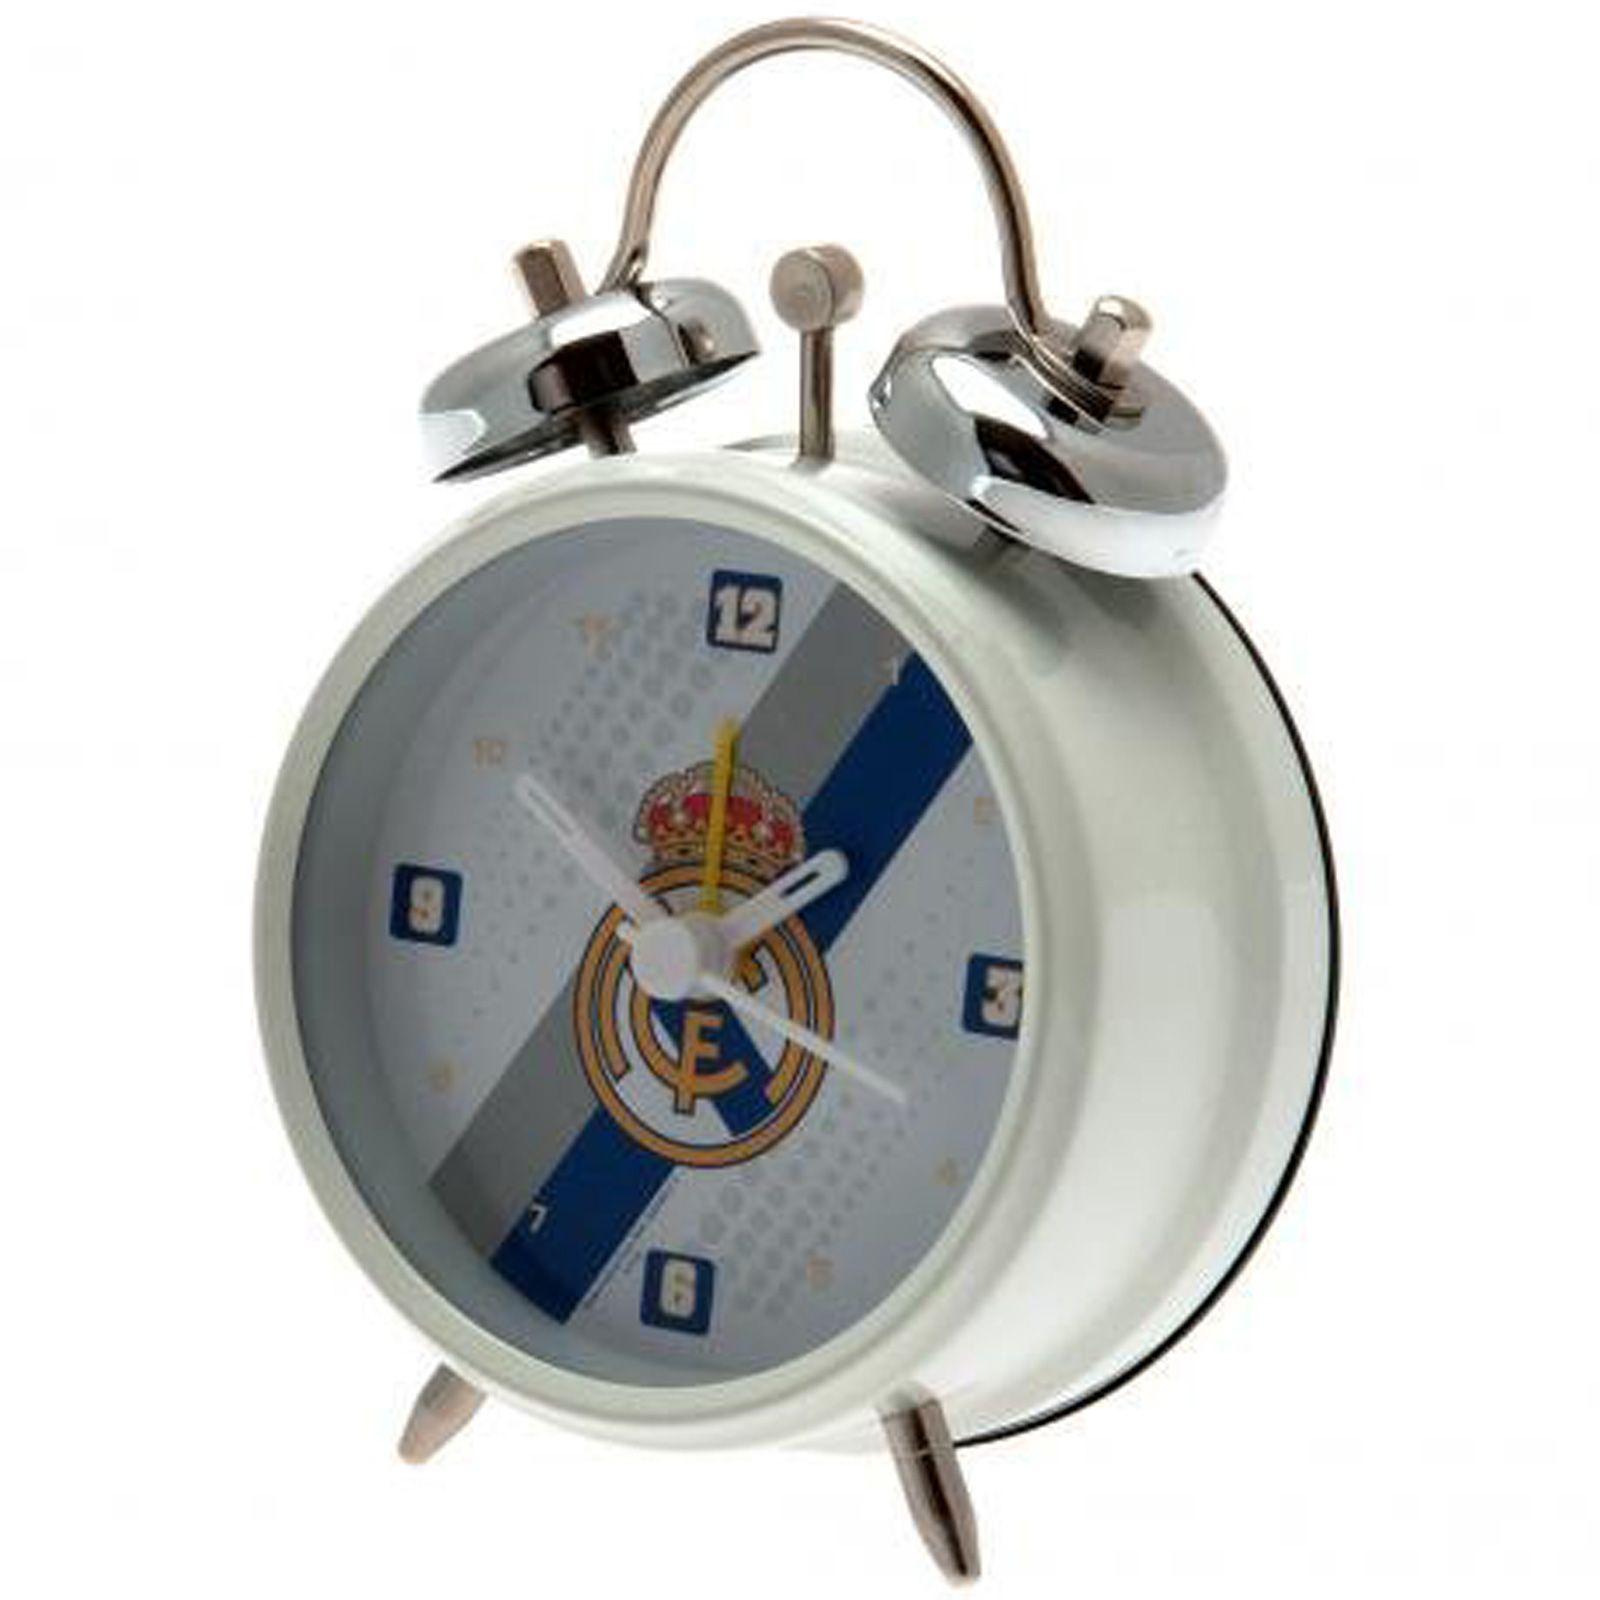 Accessoires de chambre football aux couleurs du real madrid - Accessoire de chambre ...